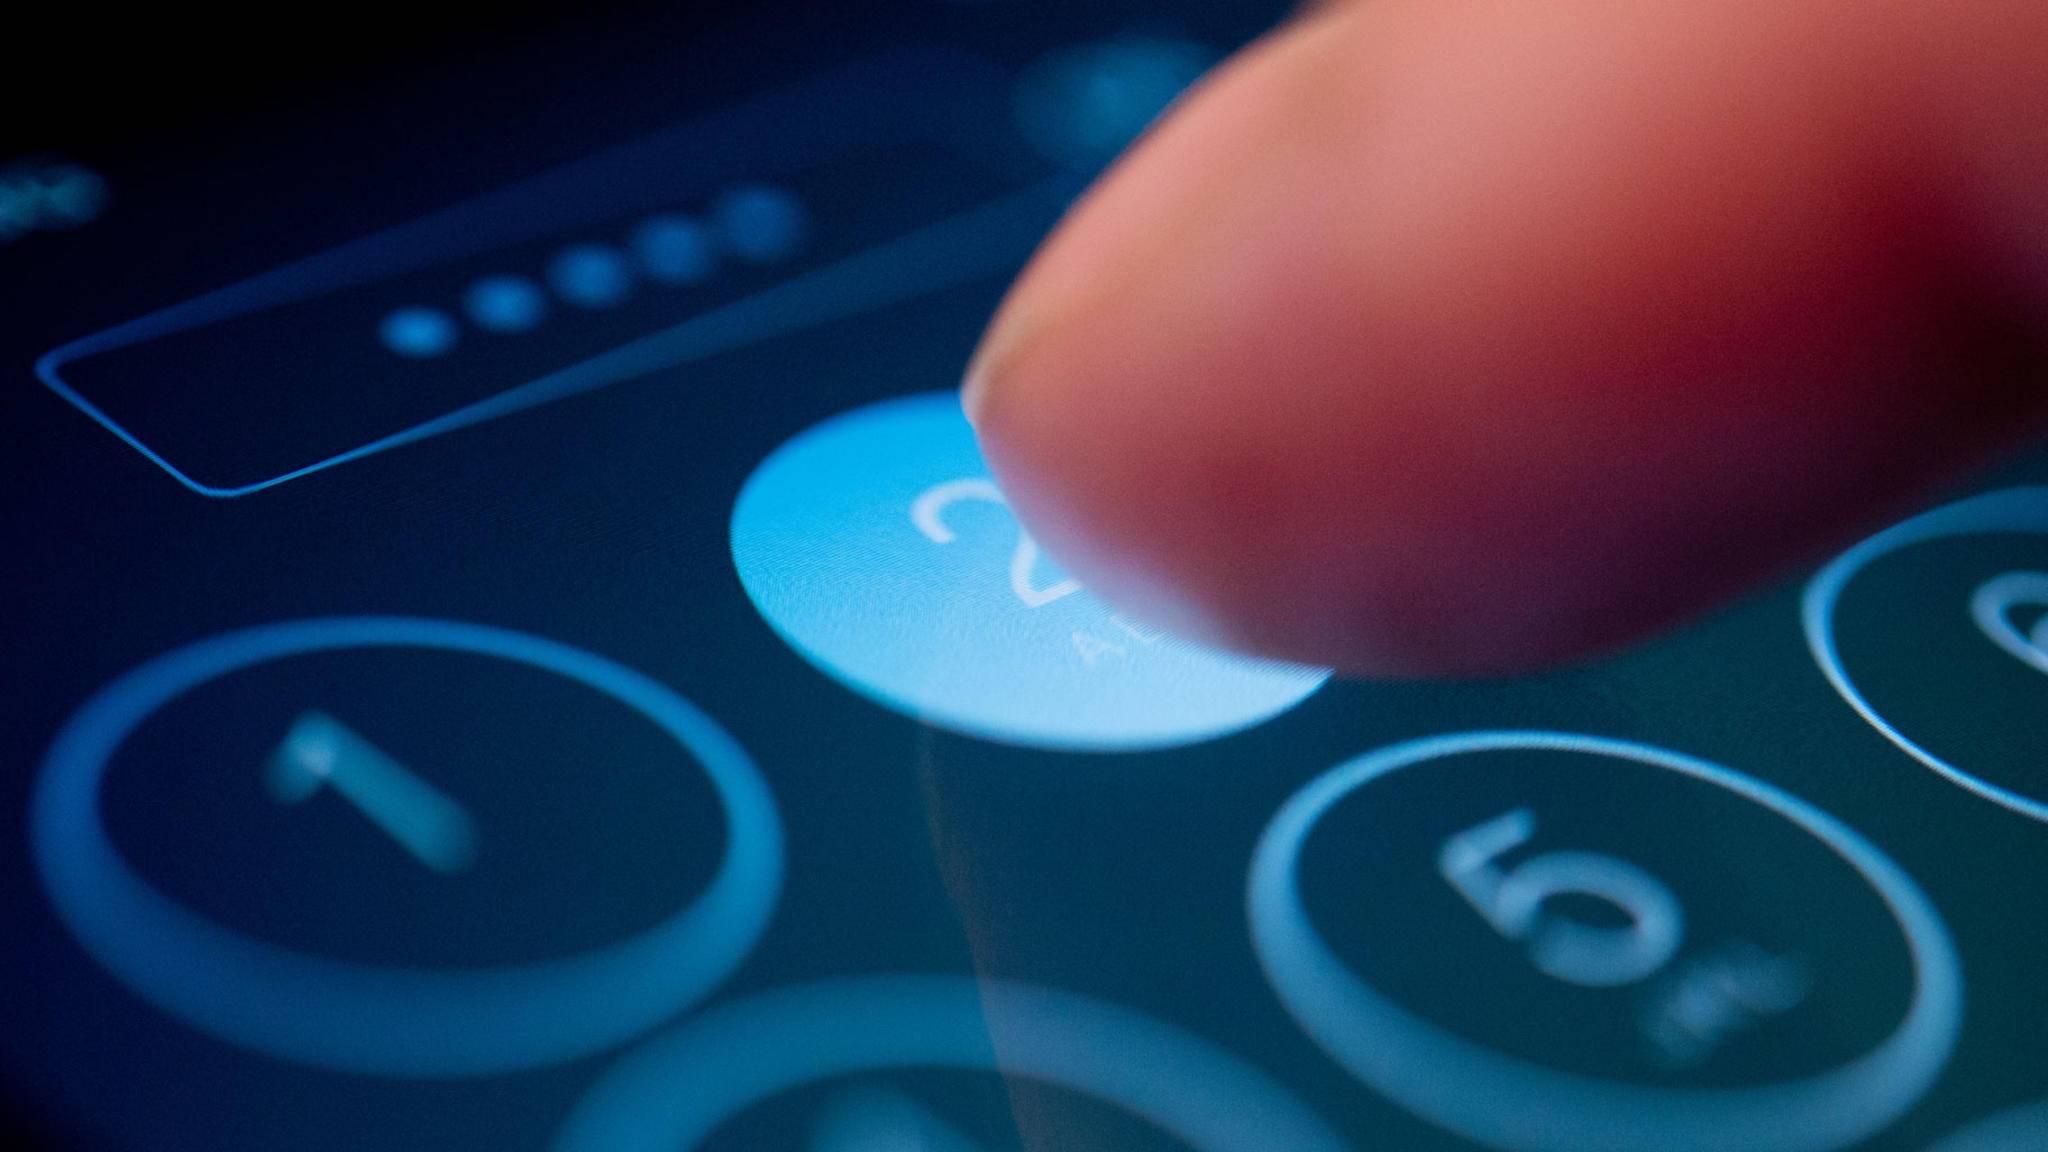 Noch lässt sich die Zwei-Faktor-Authentifizierung auf dem iPhone ein- und ausschalten.